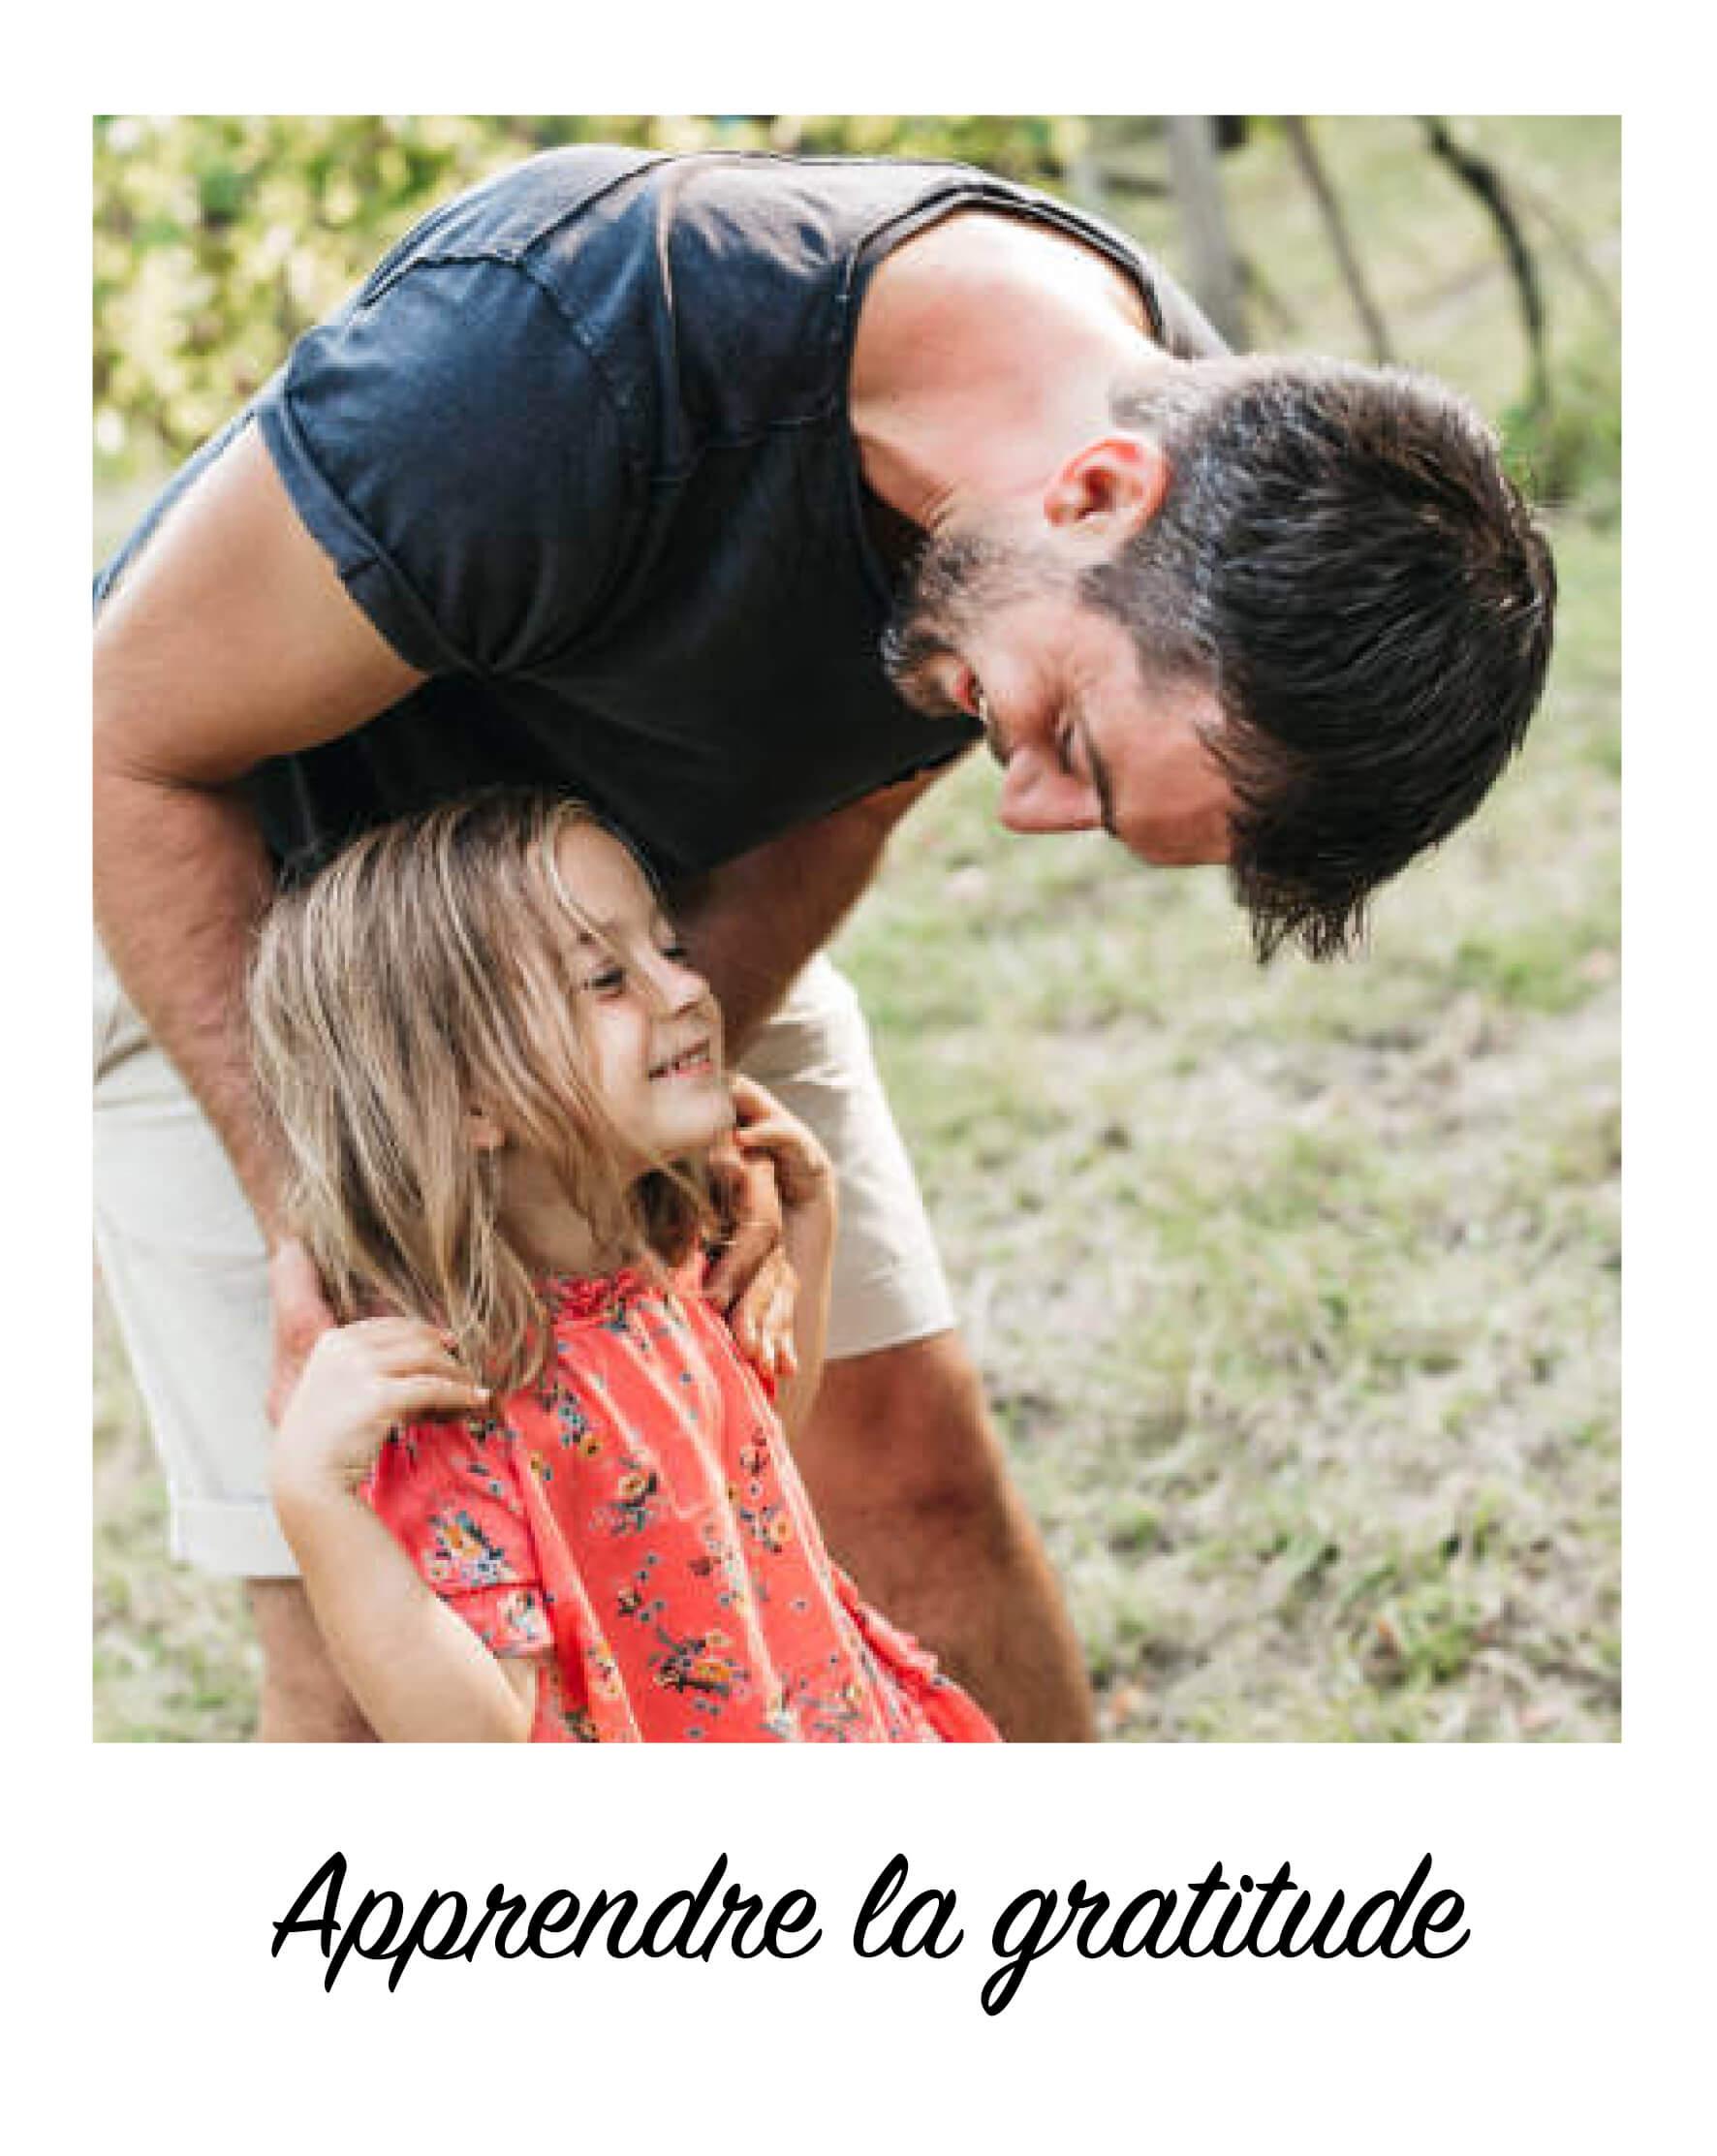 Apprendre la gratitude aux enfants